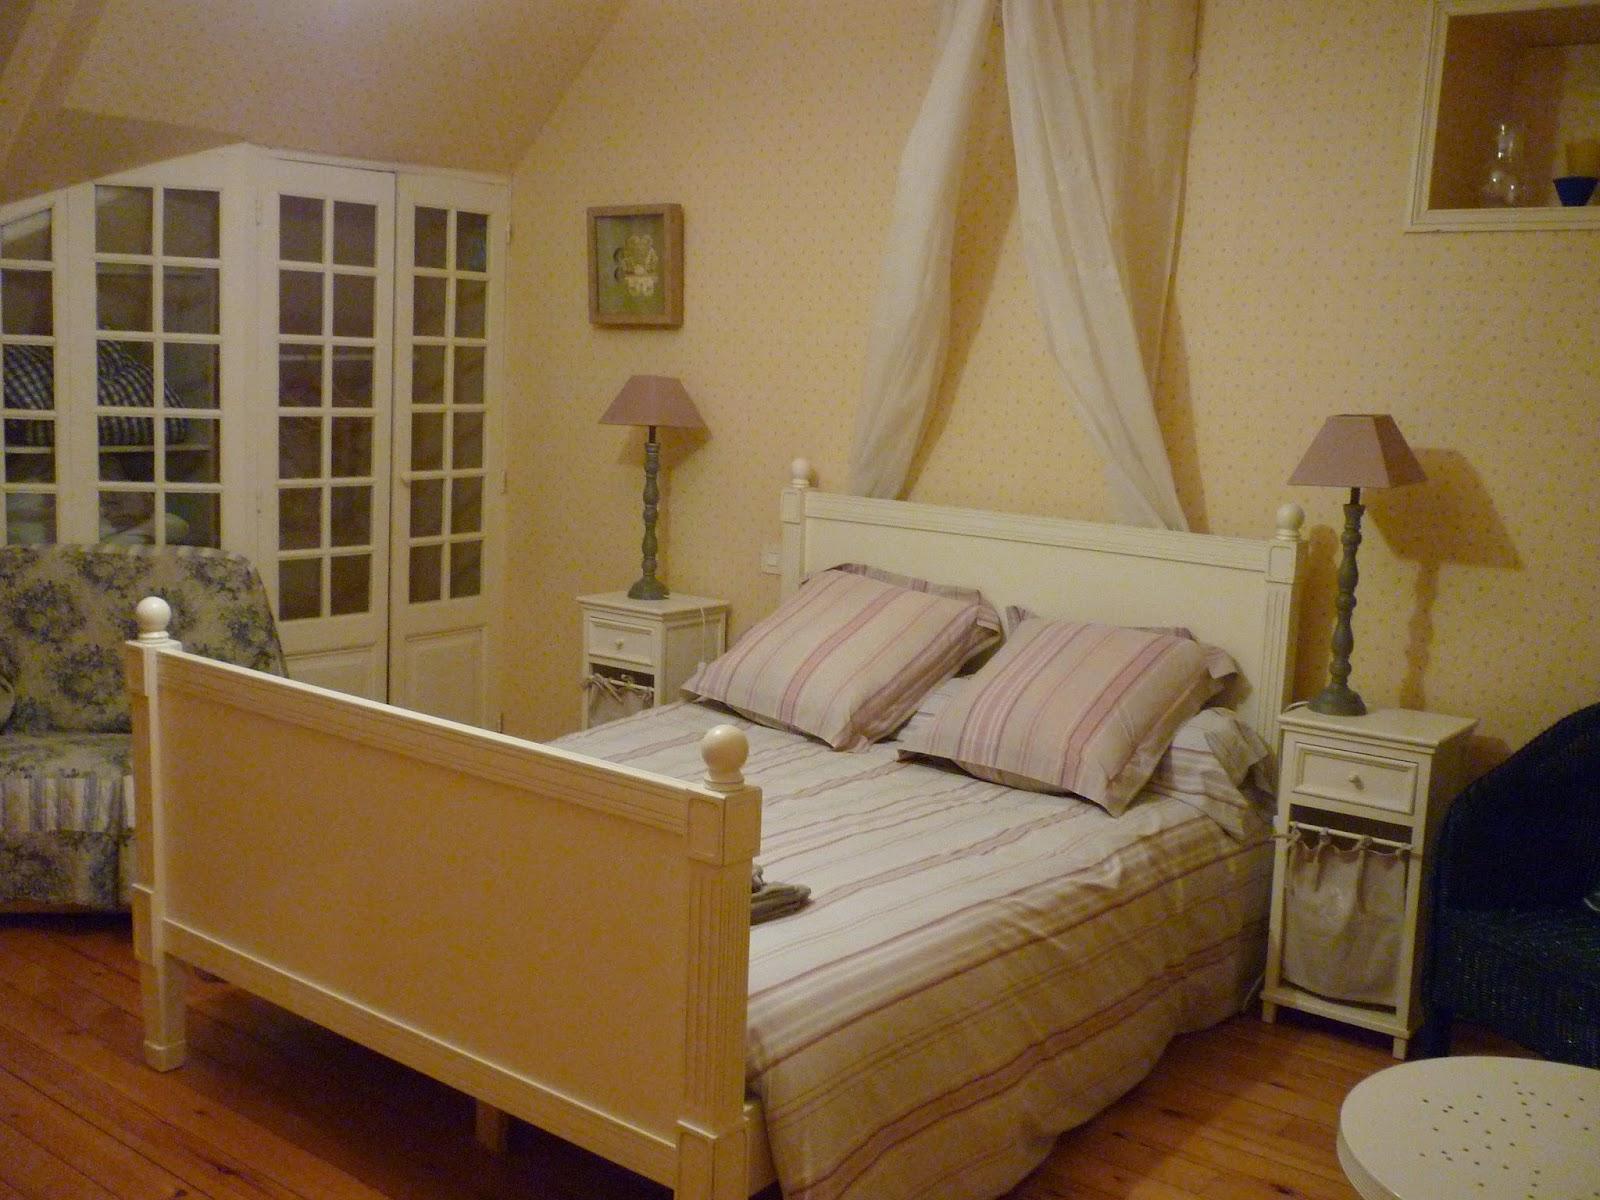 Chambre double n°3 du Manoir de Beaurepaire en Normandie